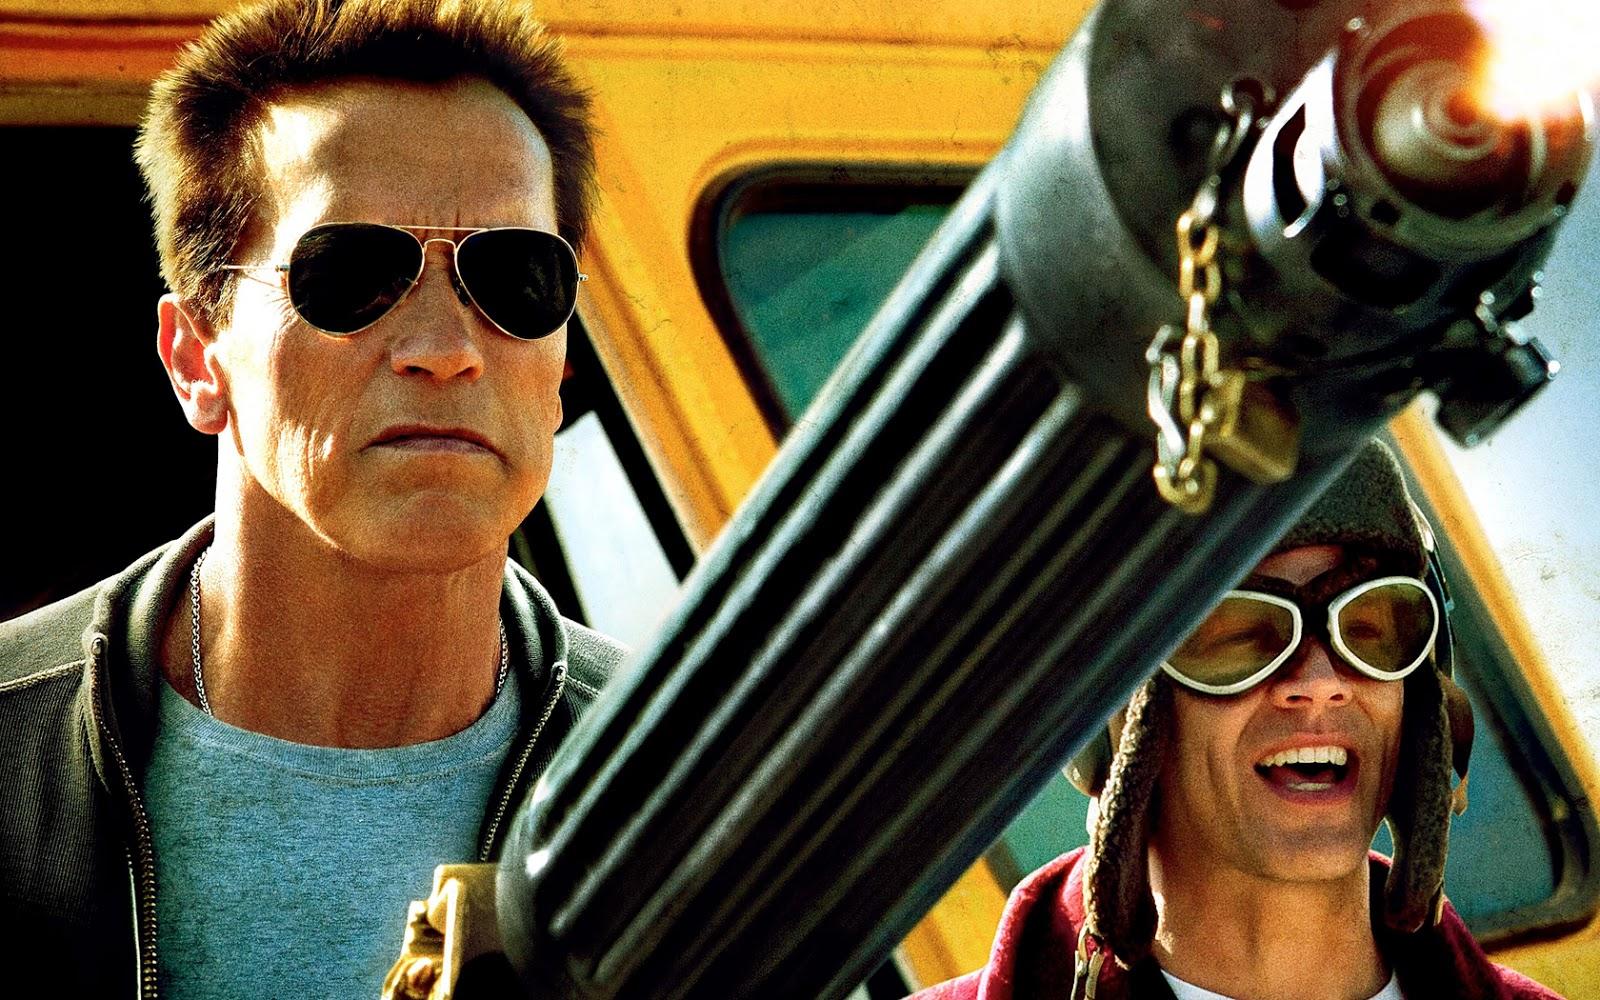 http://2.bp.blogspot.com/-882AXf5yIdc/UMd01j3v3GI/AAAAAAAAGp0/WxohwlxWi2c/s1600/Arnold-Schwarzenegger-Machine-Gun-Last-Stand-HD-Wallpaper_Vvallpaper.Net.jpg